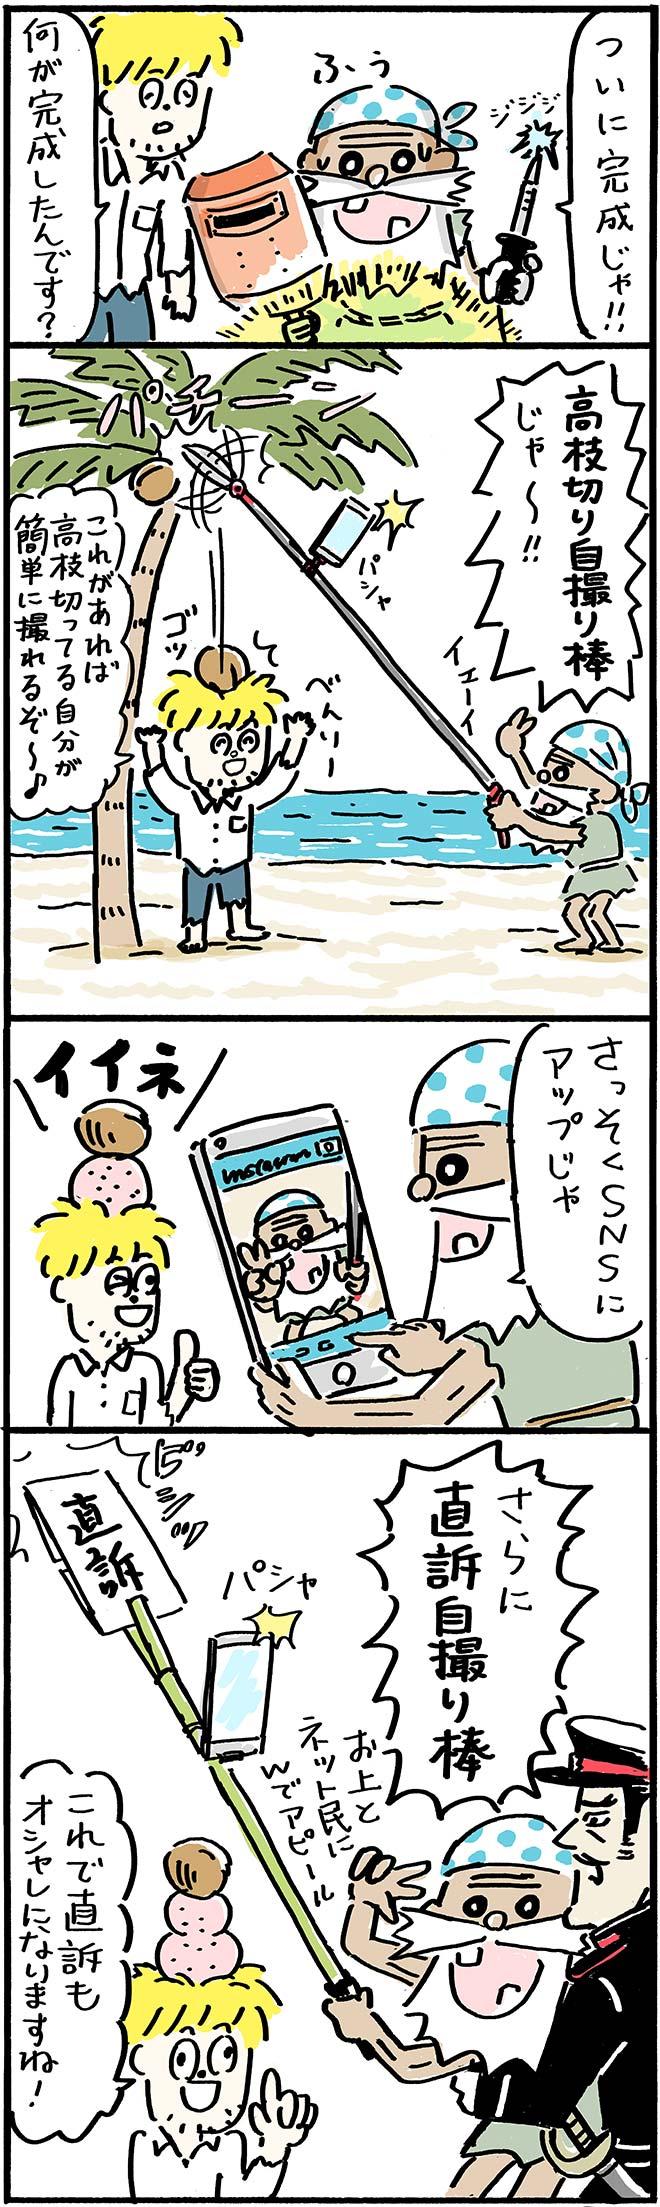 世論島マンガ画像